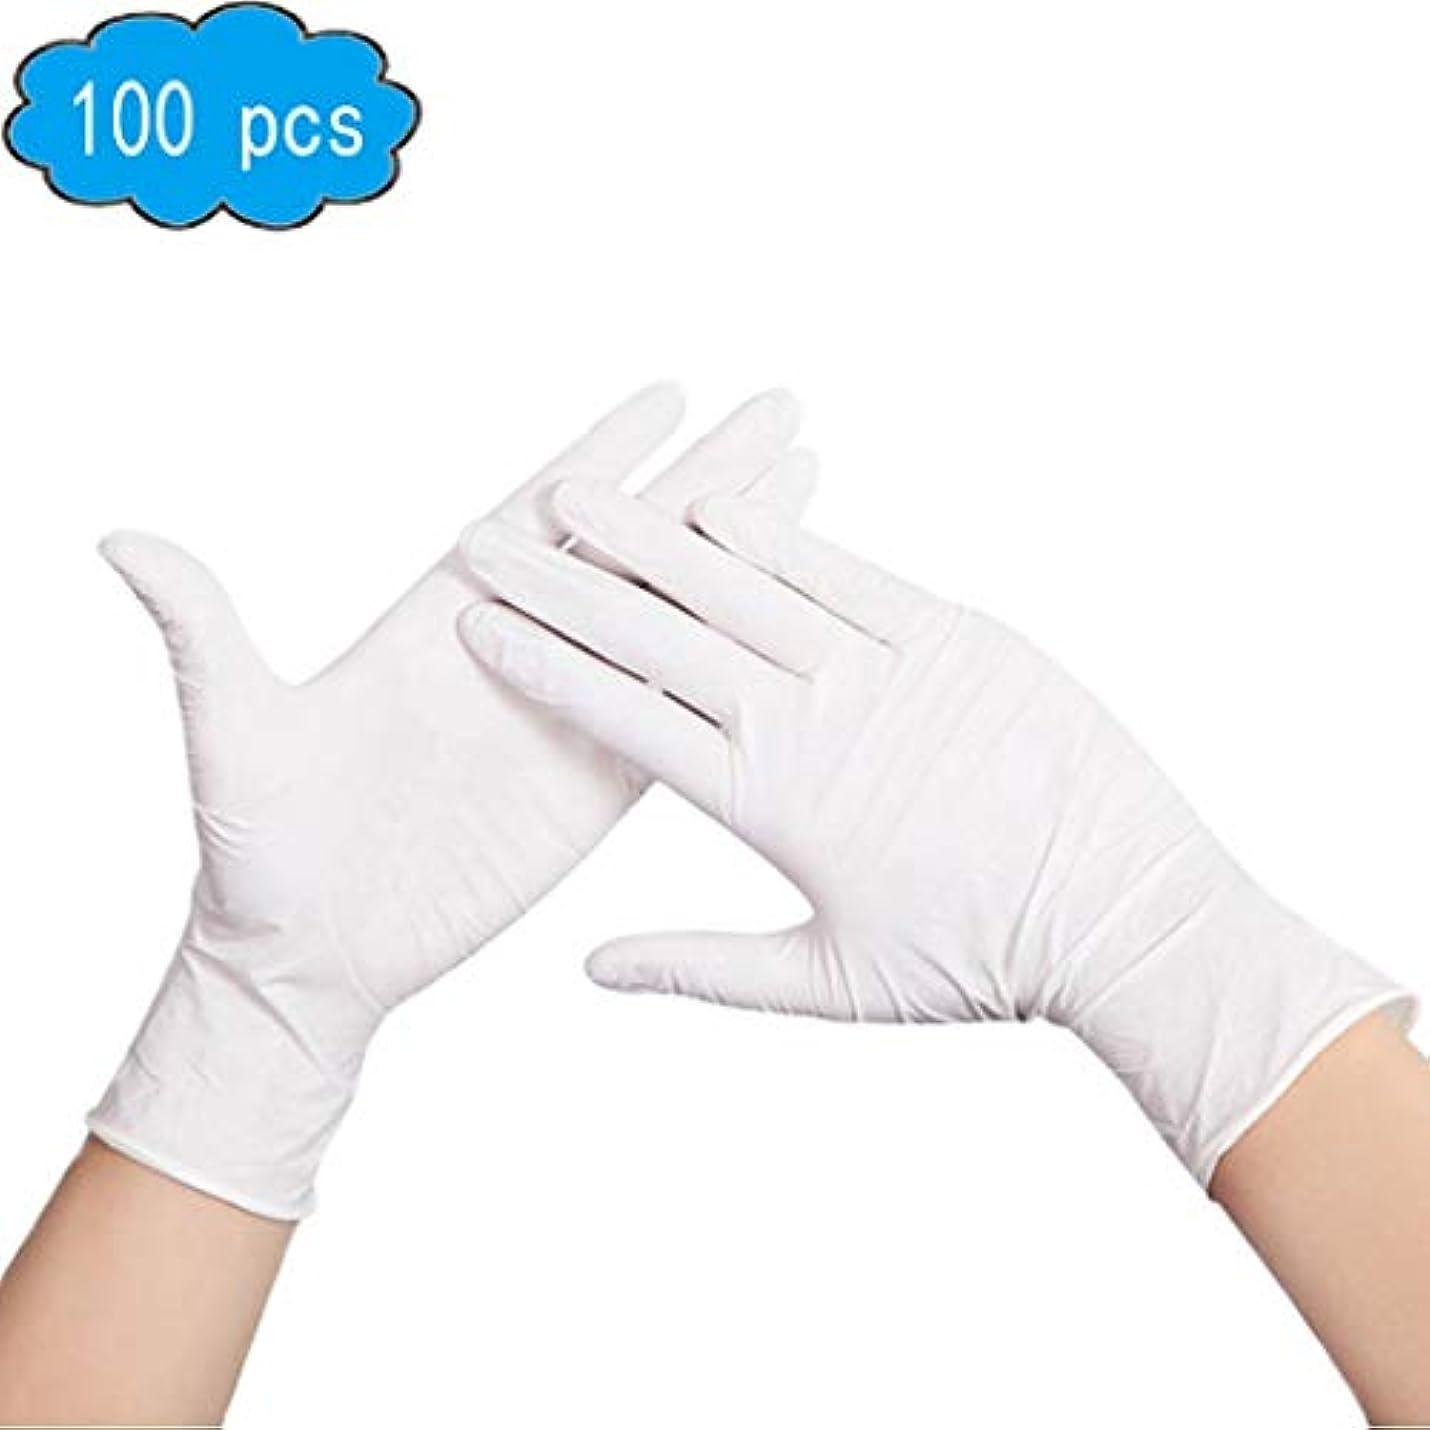 旅悪行証明するニトリル手袋、ラテックス医療検査用パウダーフリーの使い捨て手袋サイズ中 - 9